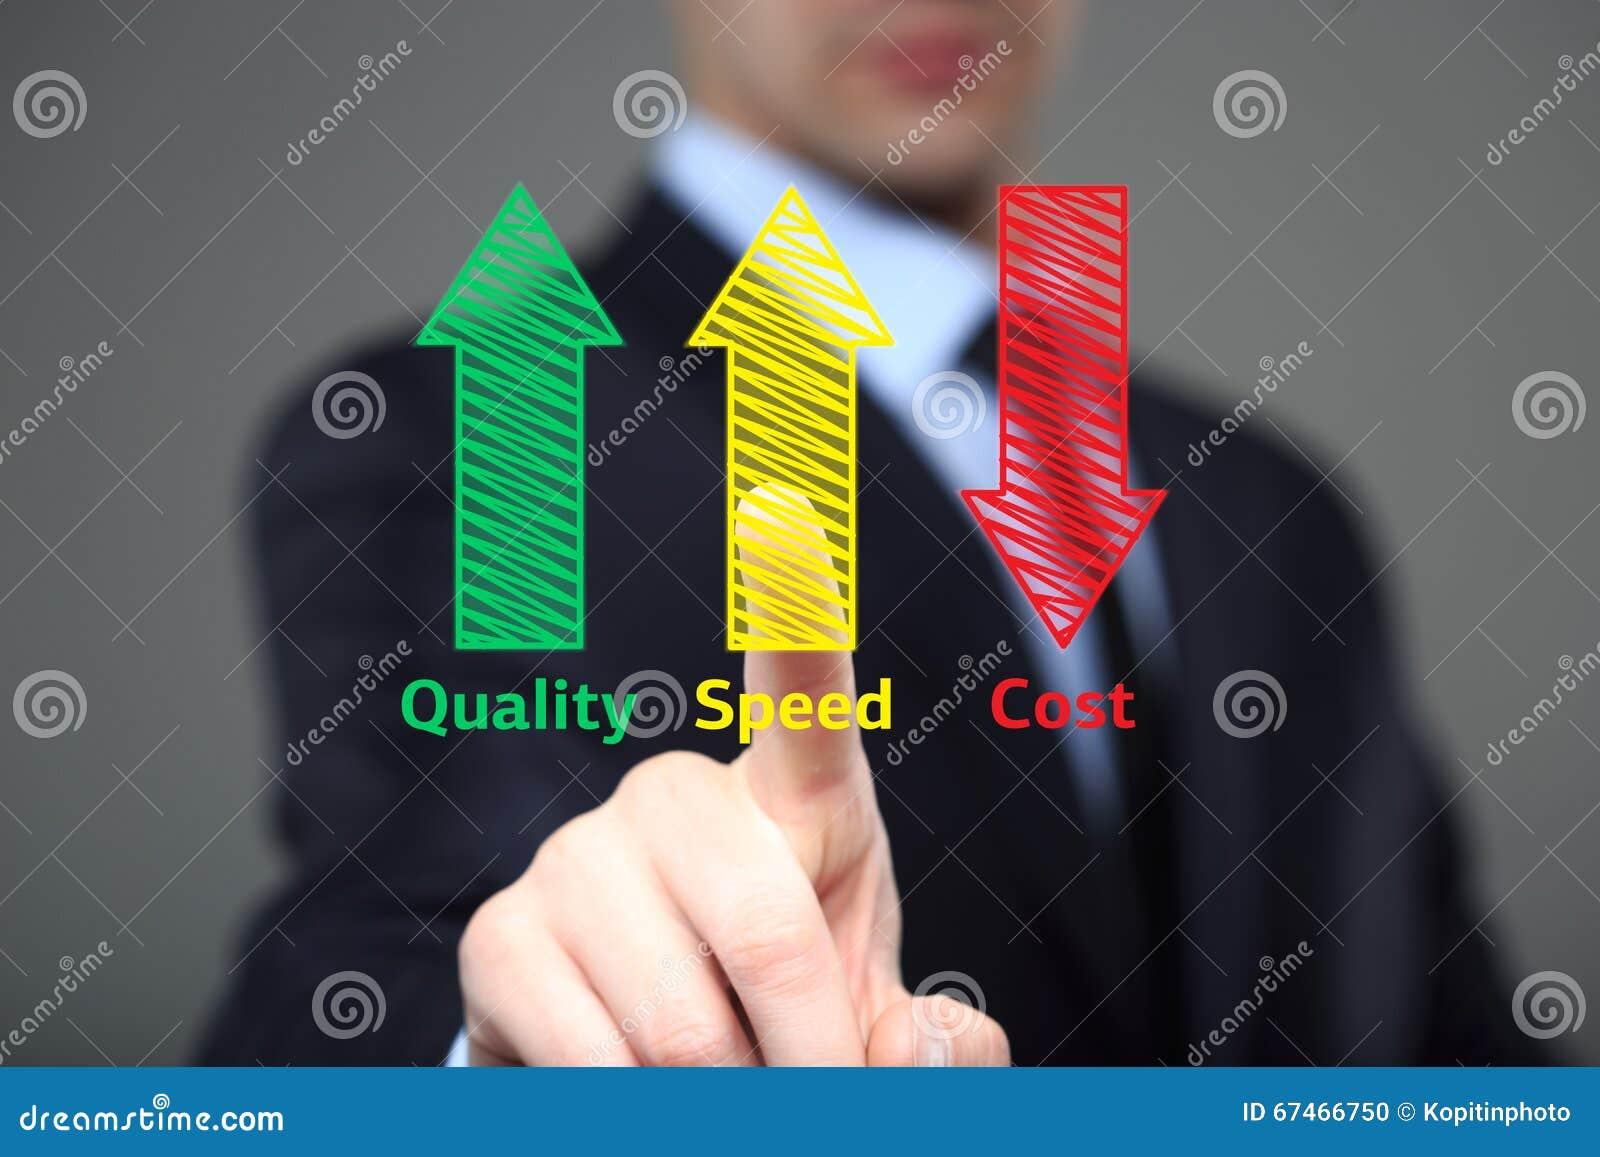 Επιχειρησιακό άτομο που γράφει την έννοια βιομηχανικών προϊόντων της αυξανόμενης ποιότητας - επιταχύνετε και μείωσε το κόστος